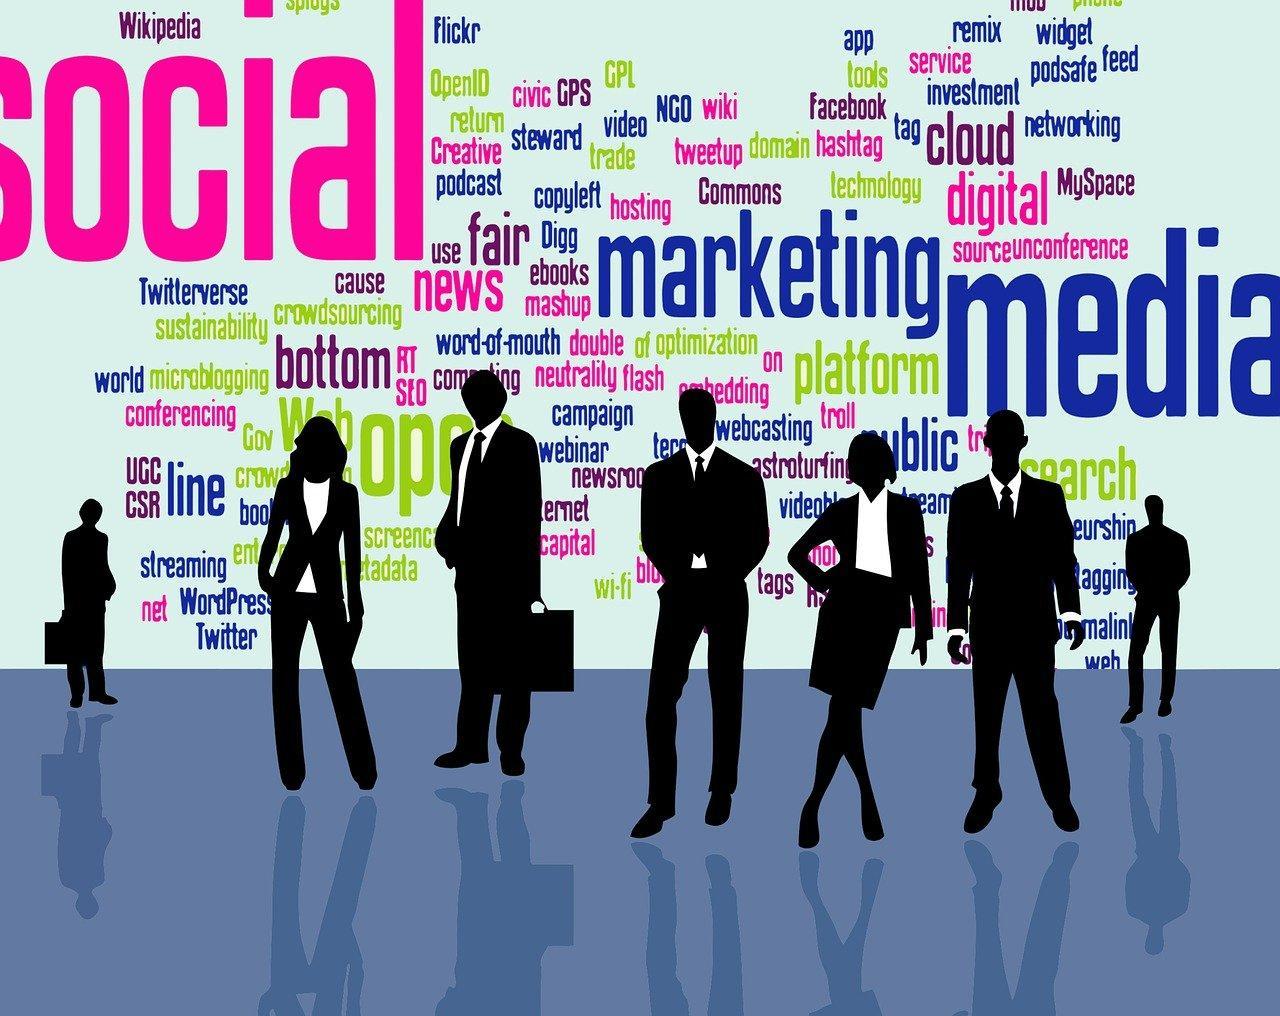 Génération de leads, outbound marketing